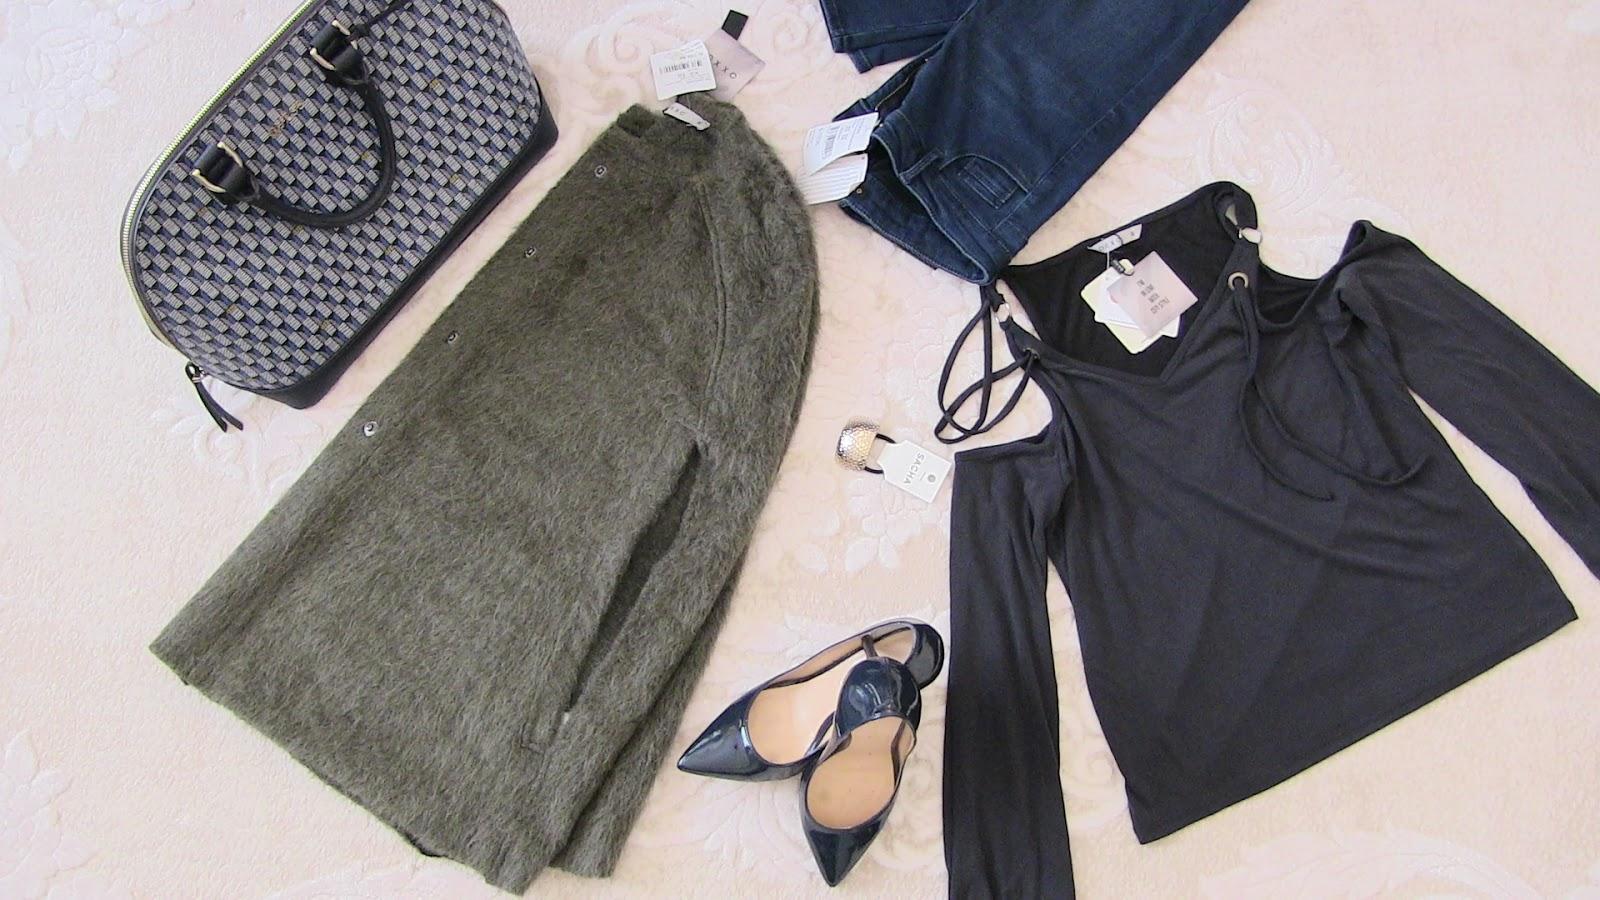 oxxo yeşil mont - ceket, oxxo mavi kot pantolon, guess çanta, oxxo beyaz boğazlı triko